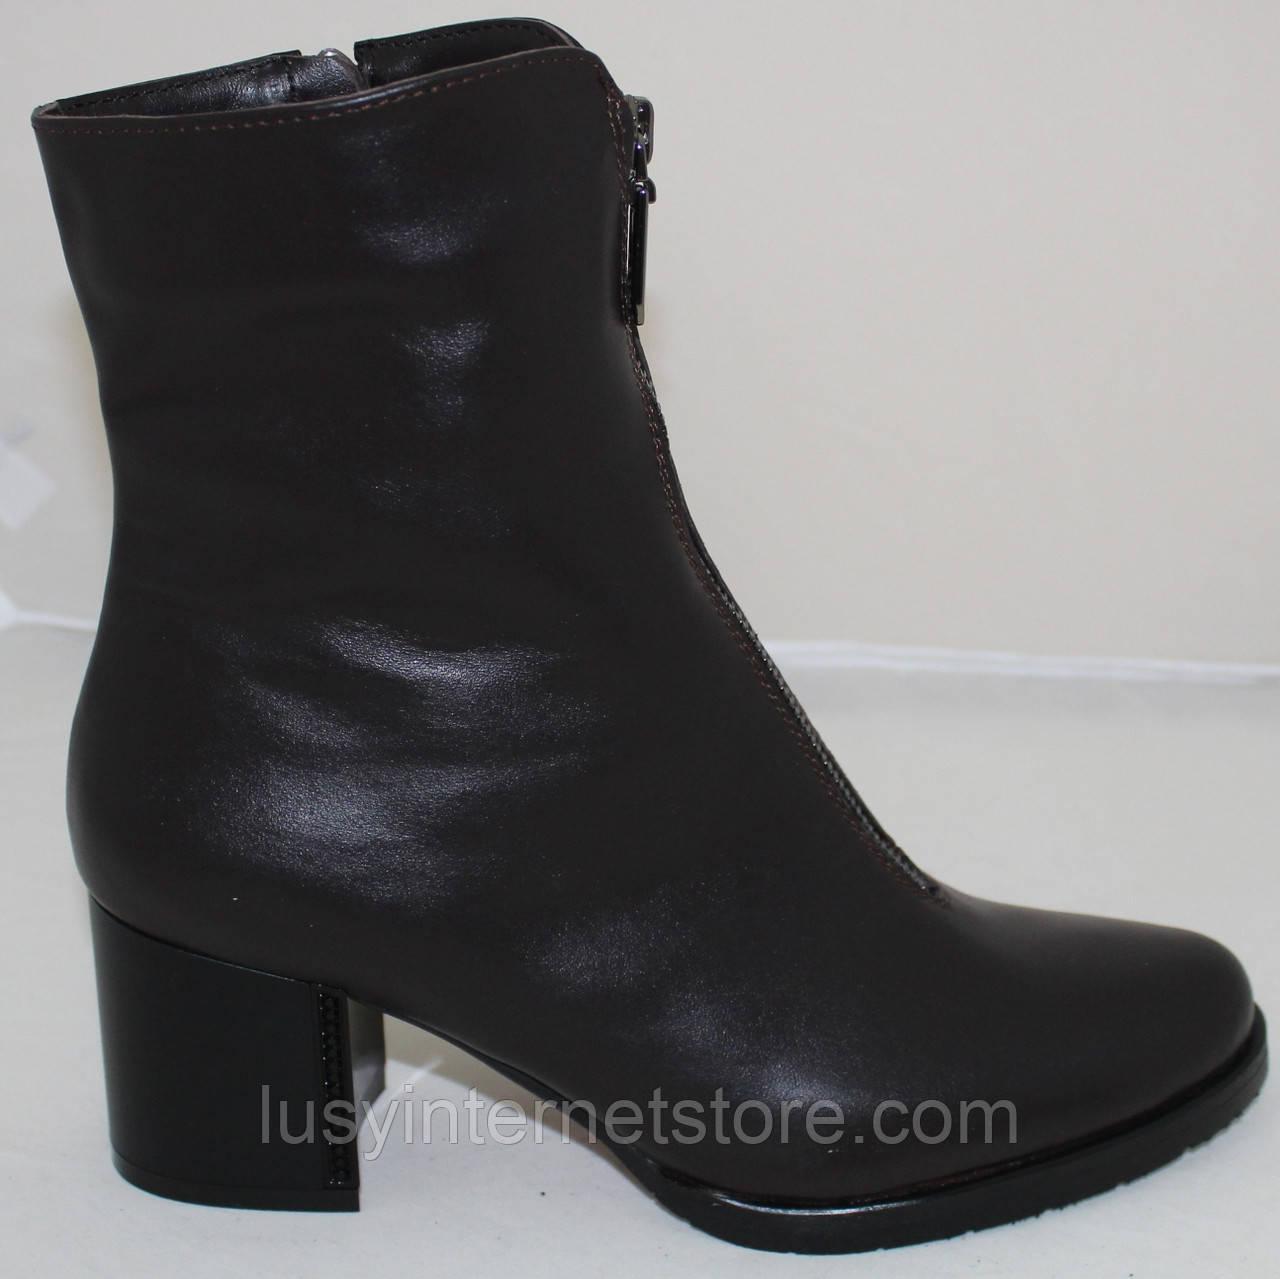 Ботинки кожаные женские демисезонные от производителя модель Ф1960